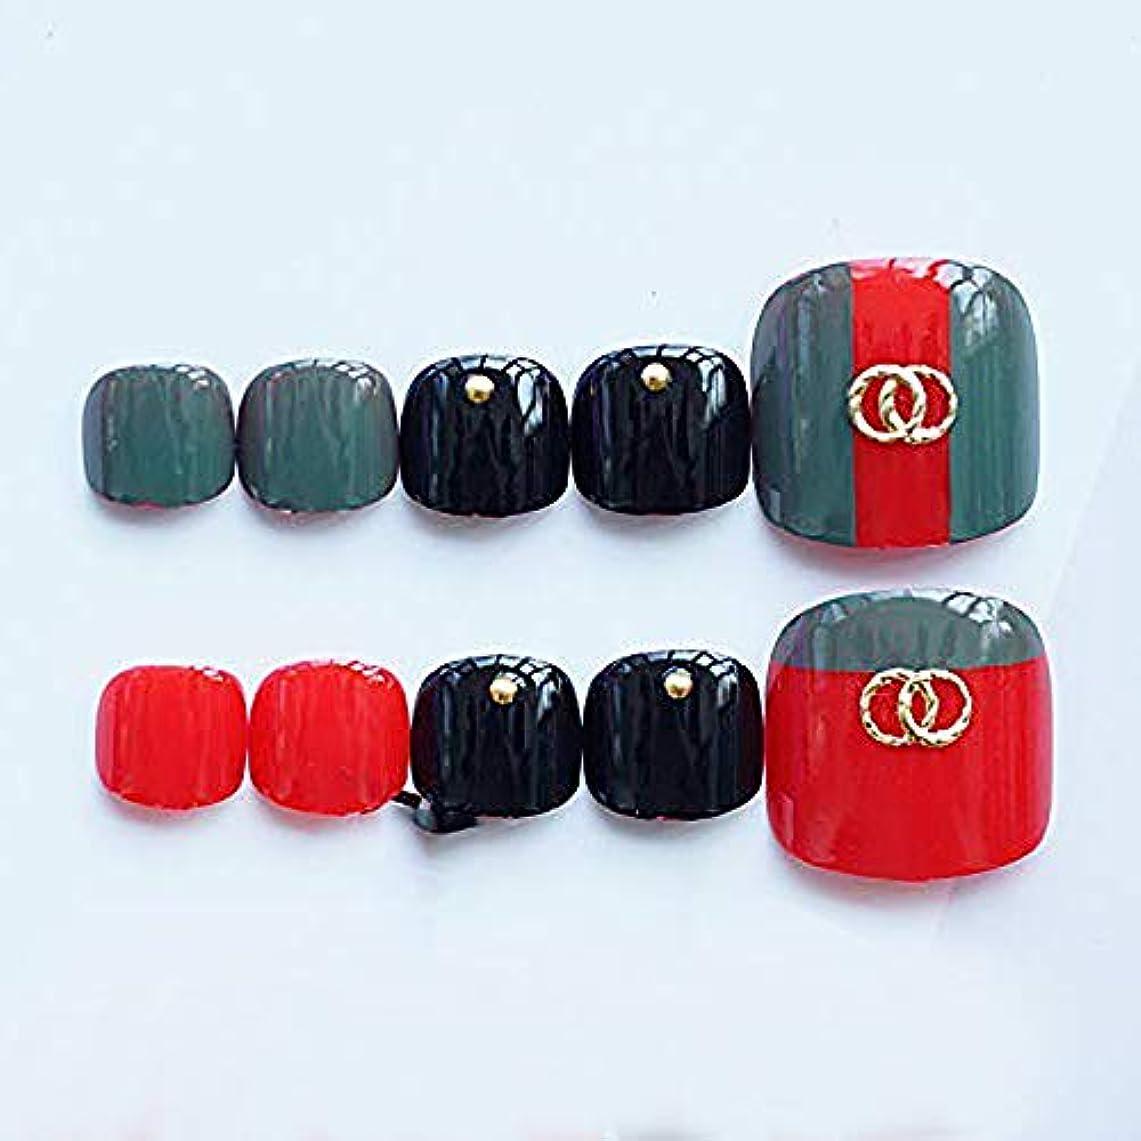 歌ストレンジャー綺麗な24枚爪 シンプル 両面接着テープ付き ダークグリーン レトロ ビーチ ゴールドサークル